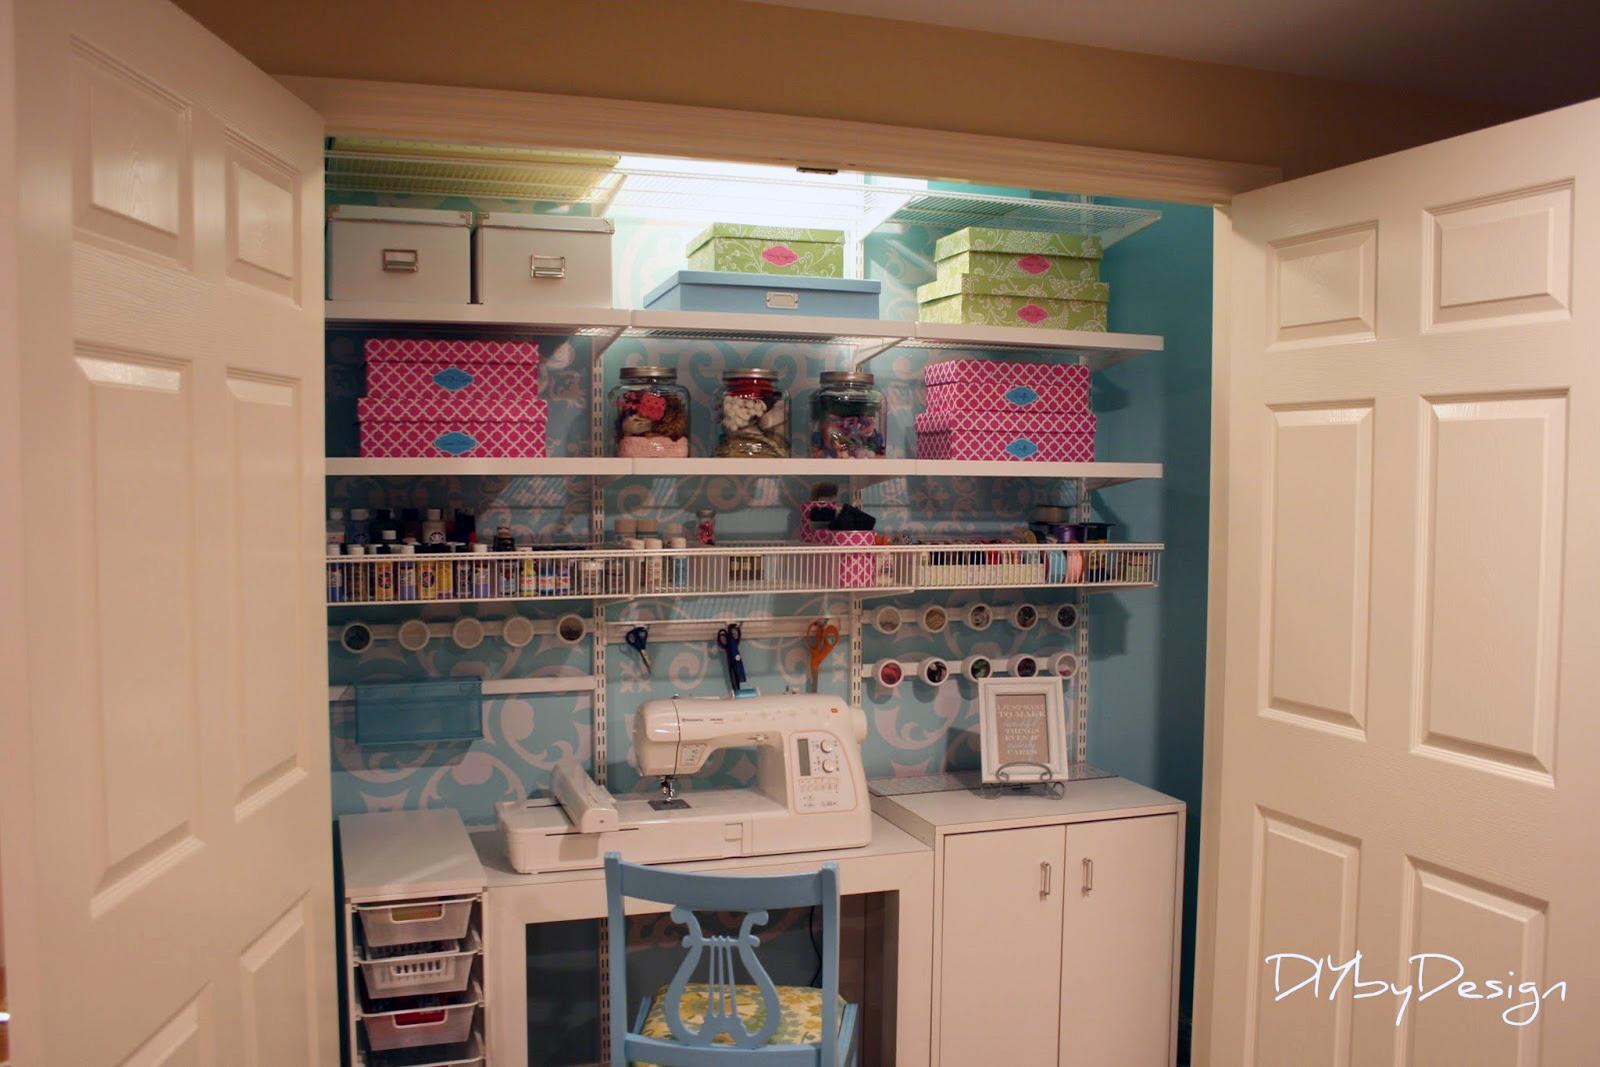 Closet Conversions 5 Clever Closet Conversions Houselogic